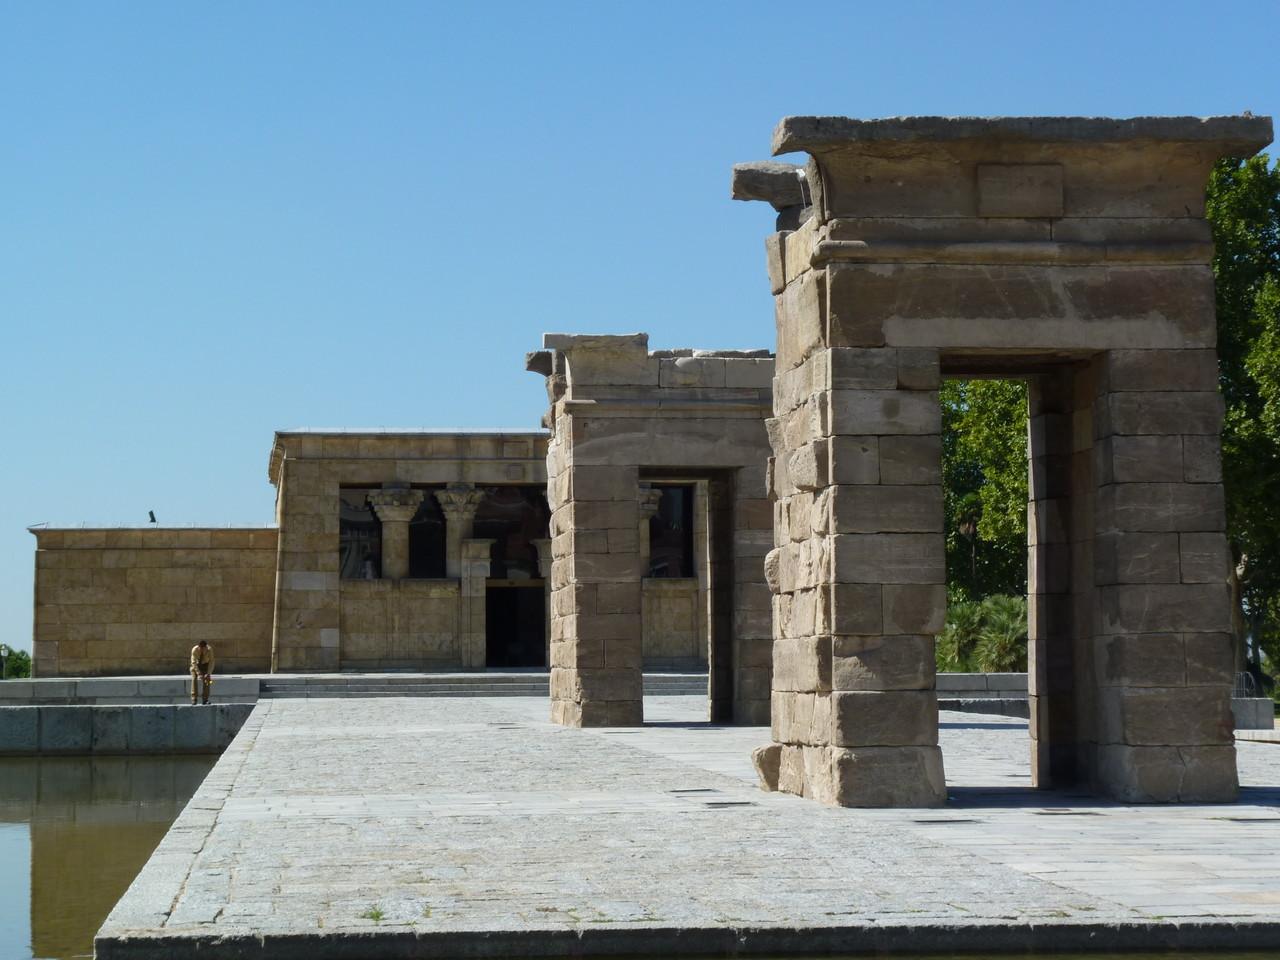 Romântica Madrid-Templo de Debod (2).JPG